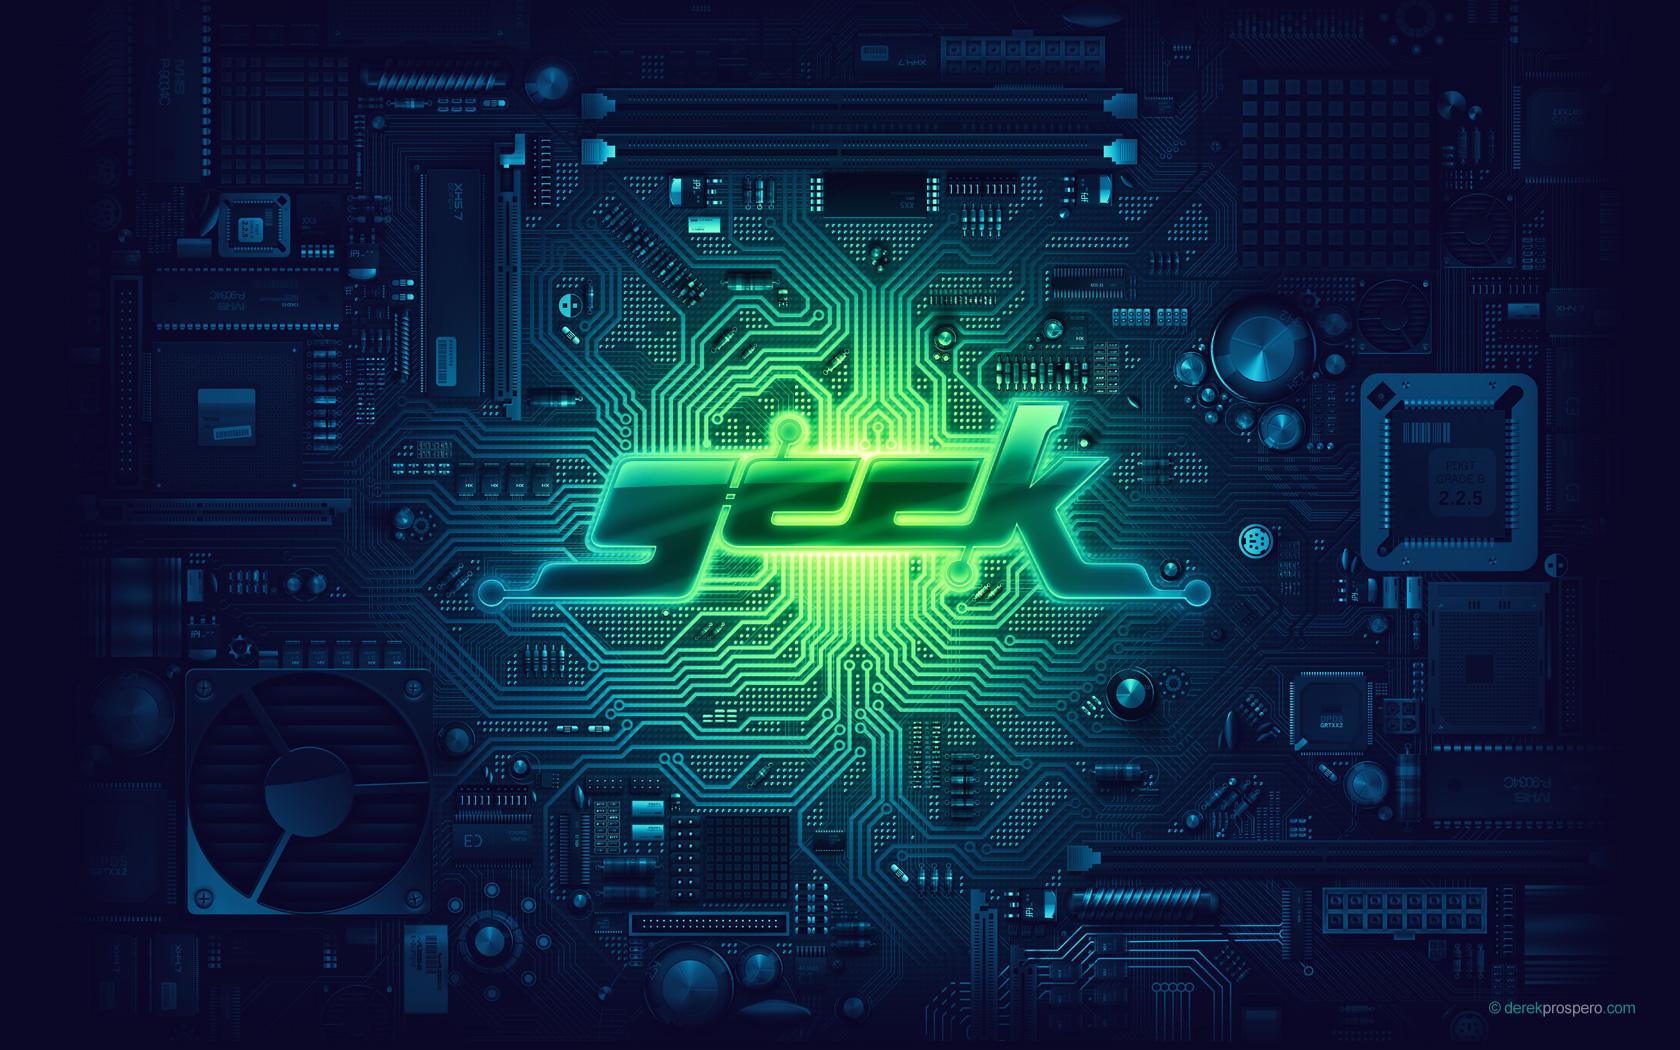 Fond d'ecran Geek power - Wallpaper